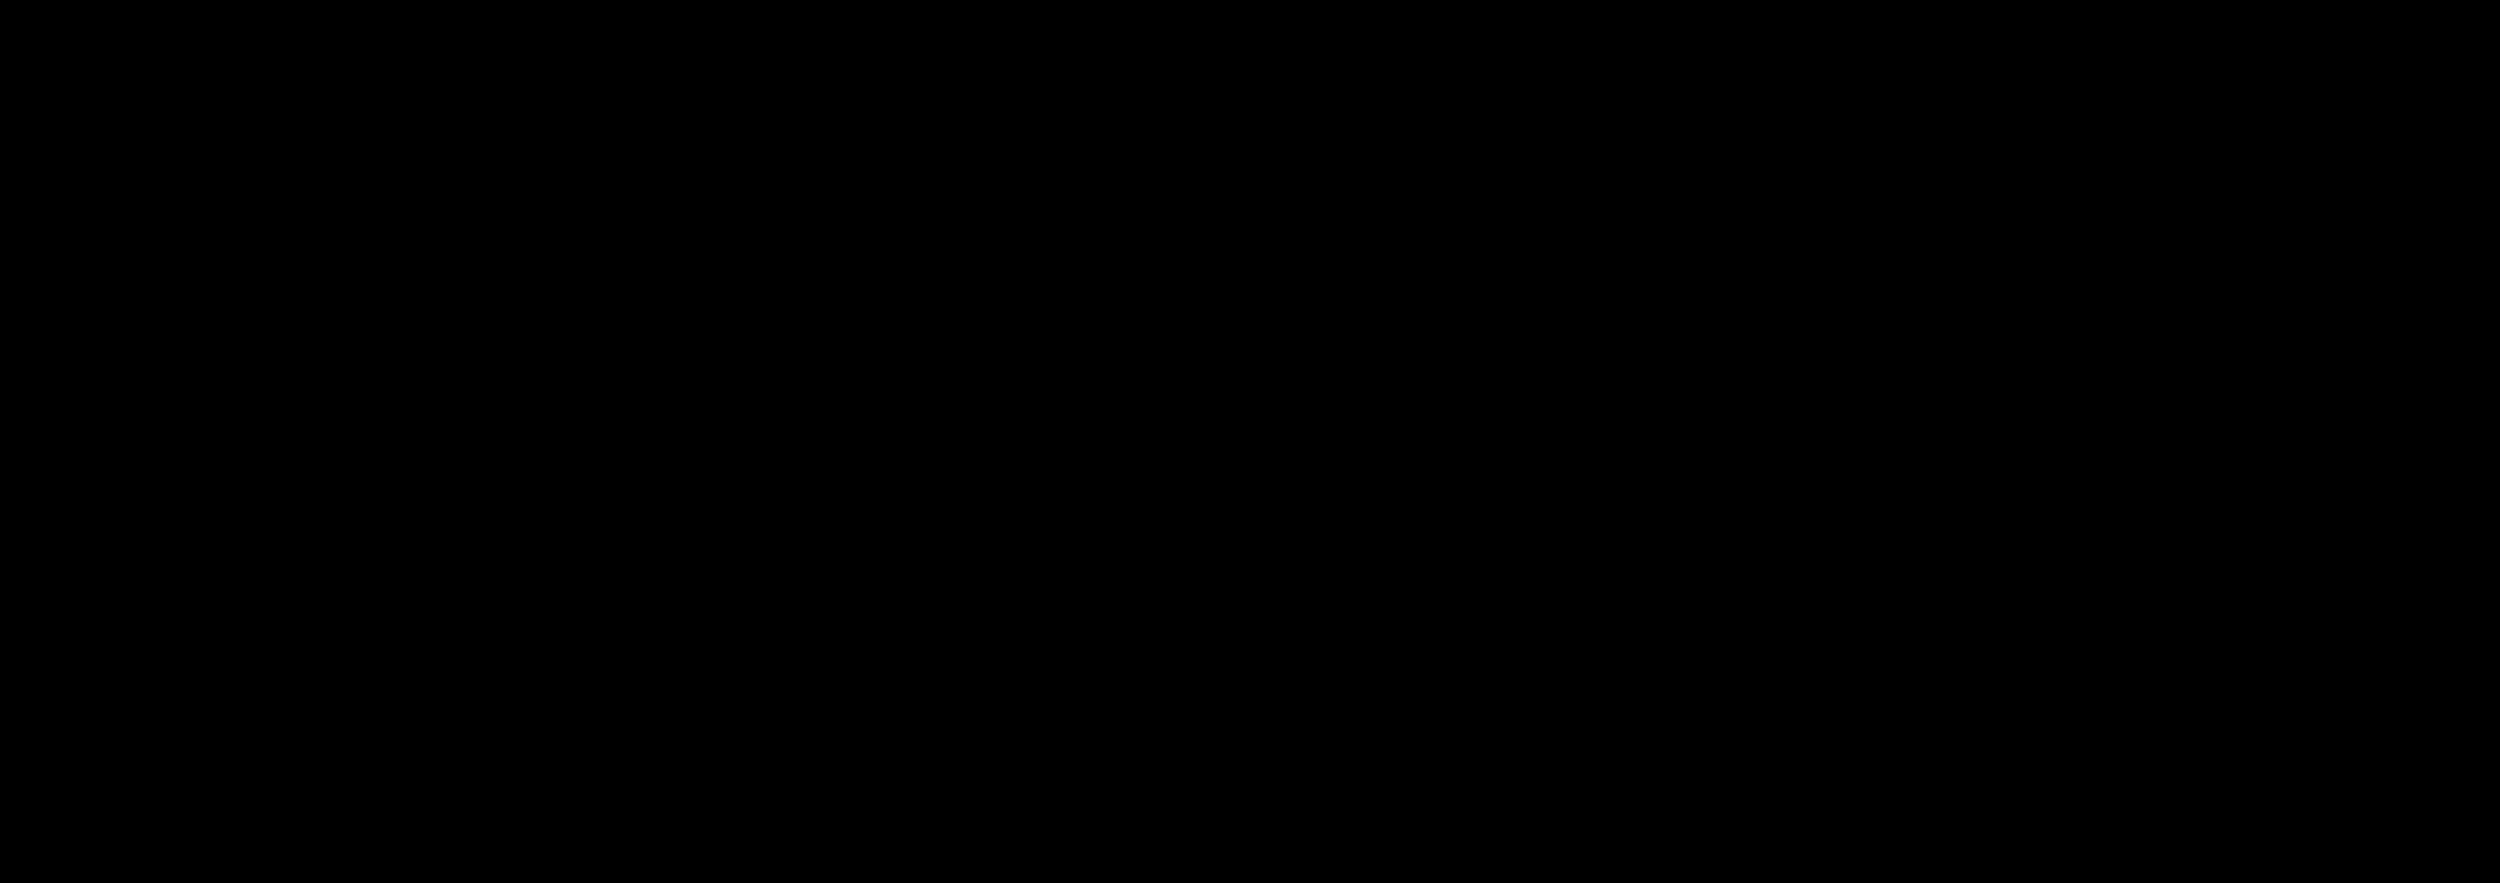 WFS_Logo_BLACK_5000px.png